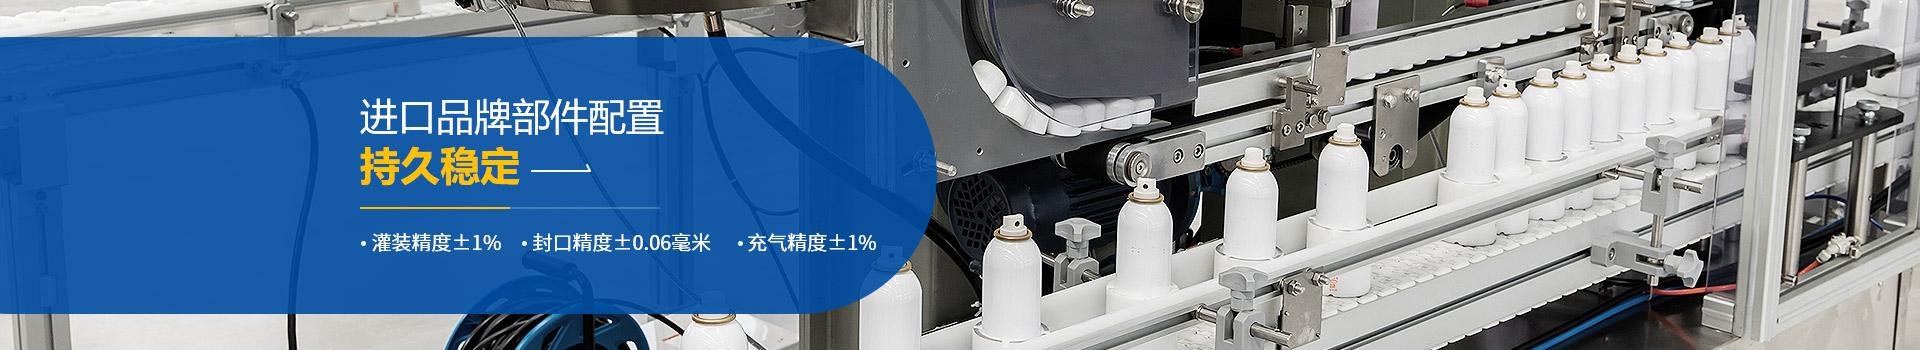 美达二元包装灌装机 进口品牌部件配置 持久稳定